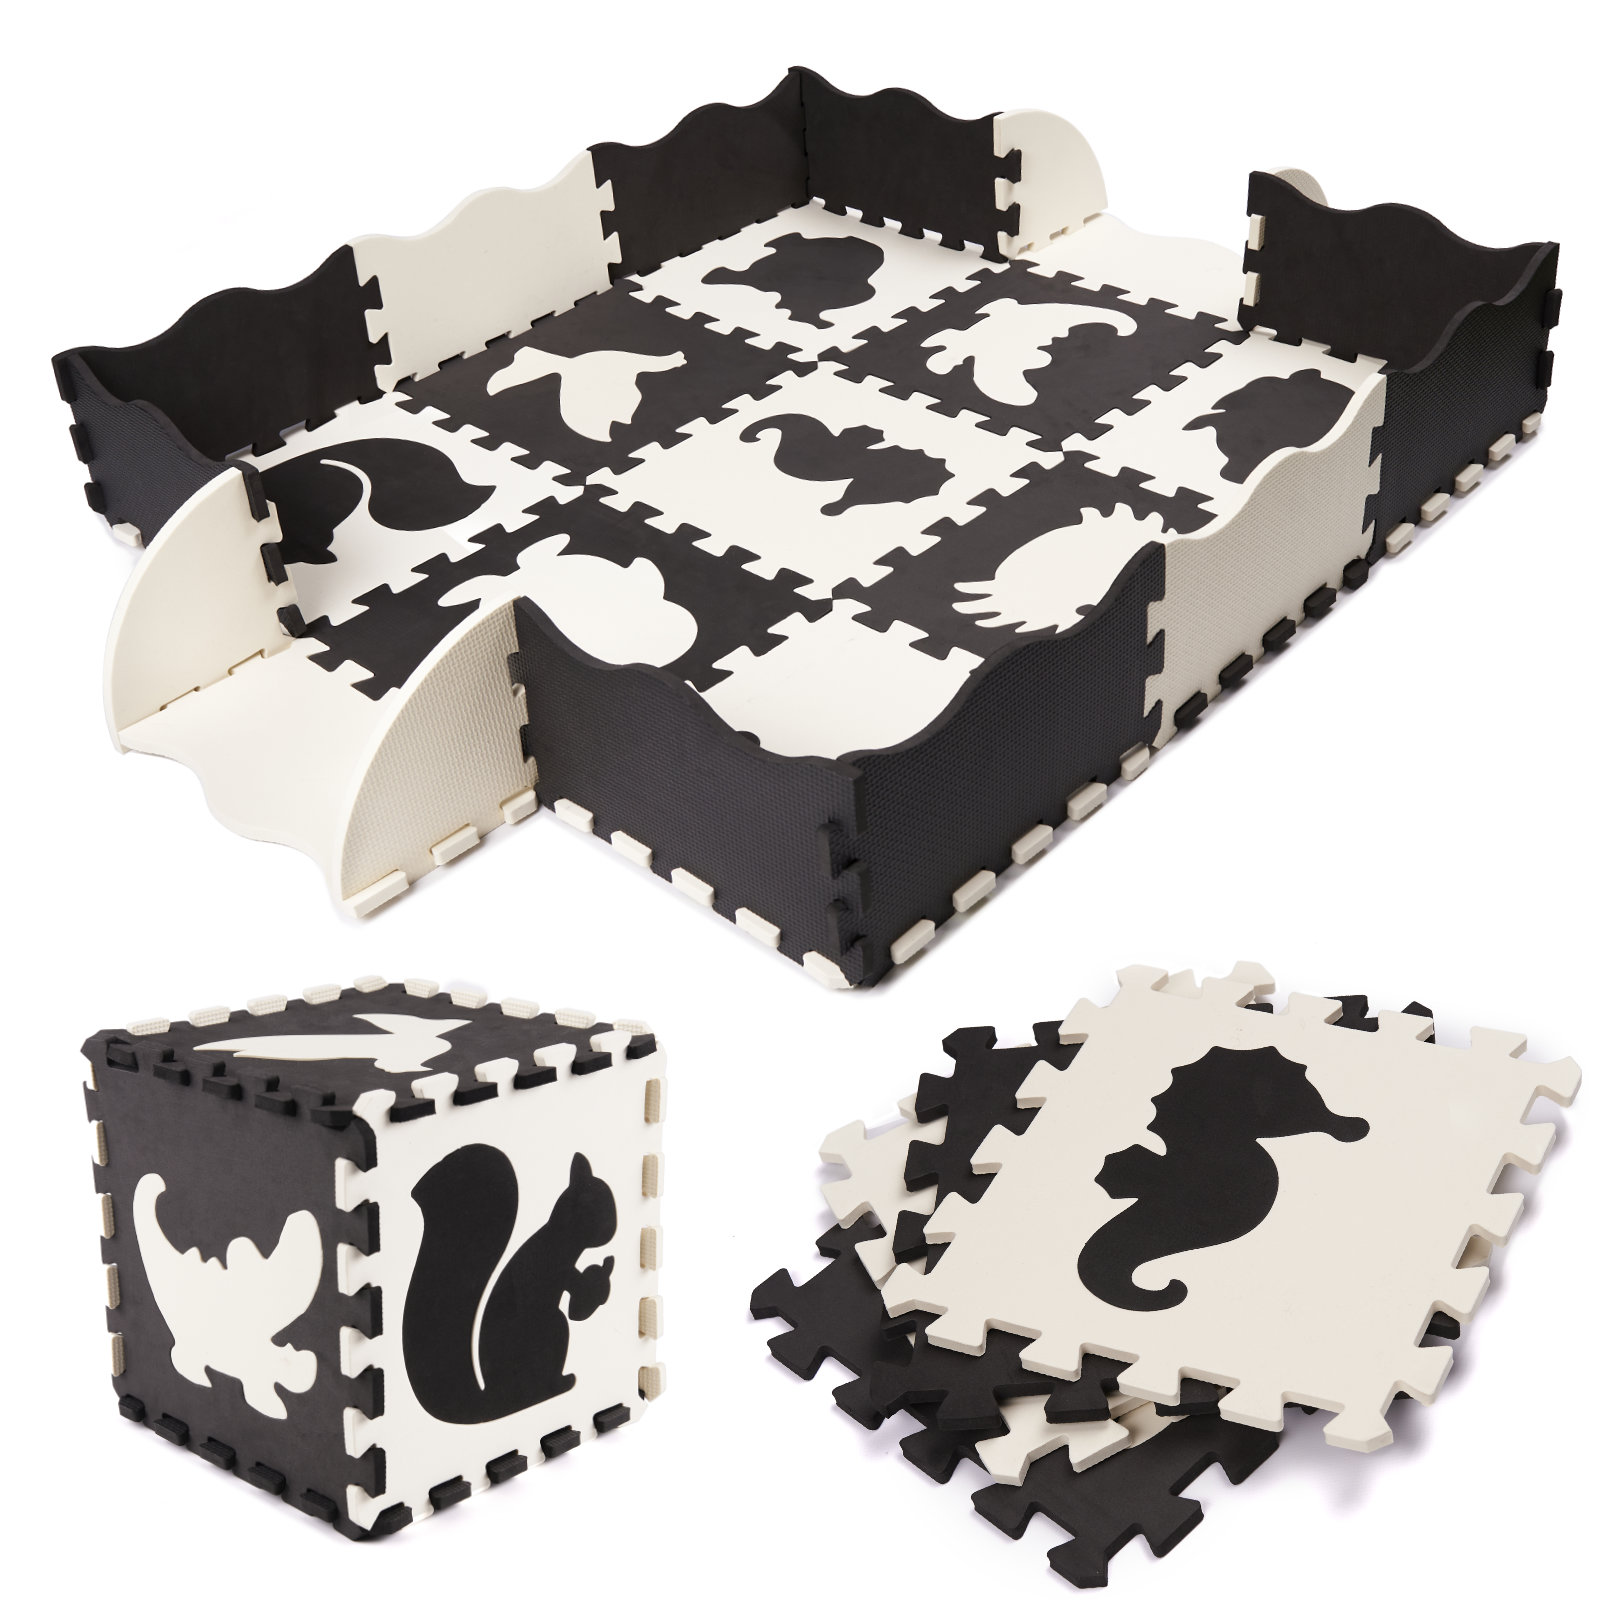 KIK Kontrastní pěnové puzzle 30 x 30 cm, 25 ks černá, krémová